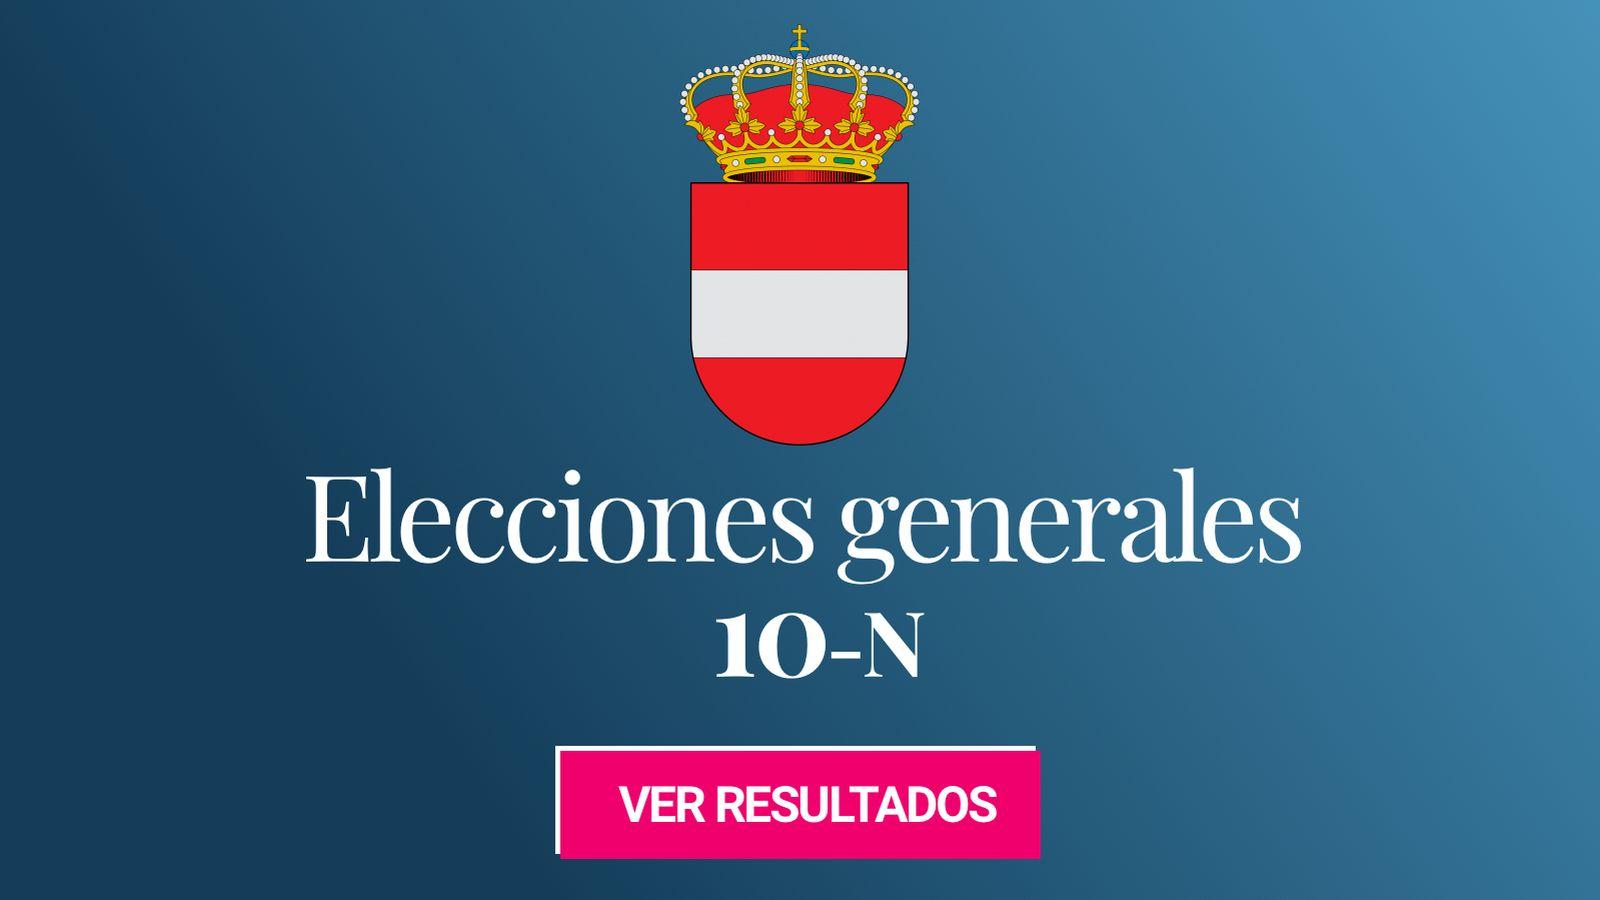 Foto: Elecciones generales 2019 en Puertollano. (C.C./EC)